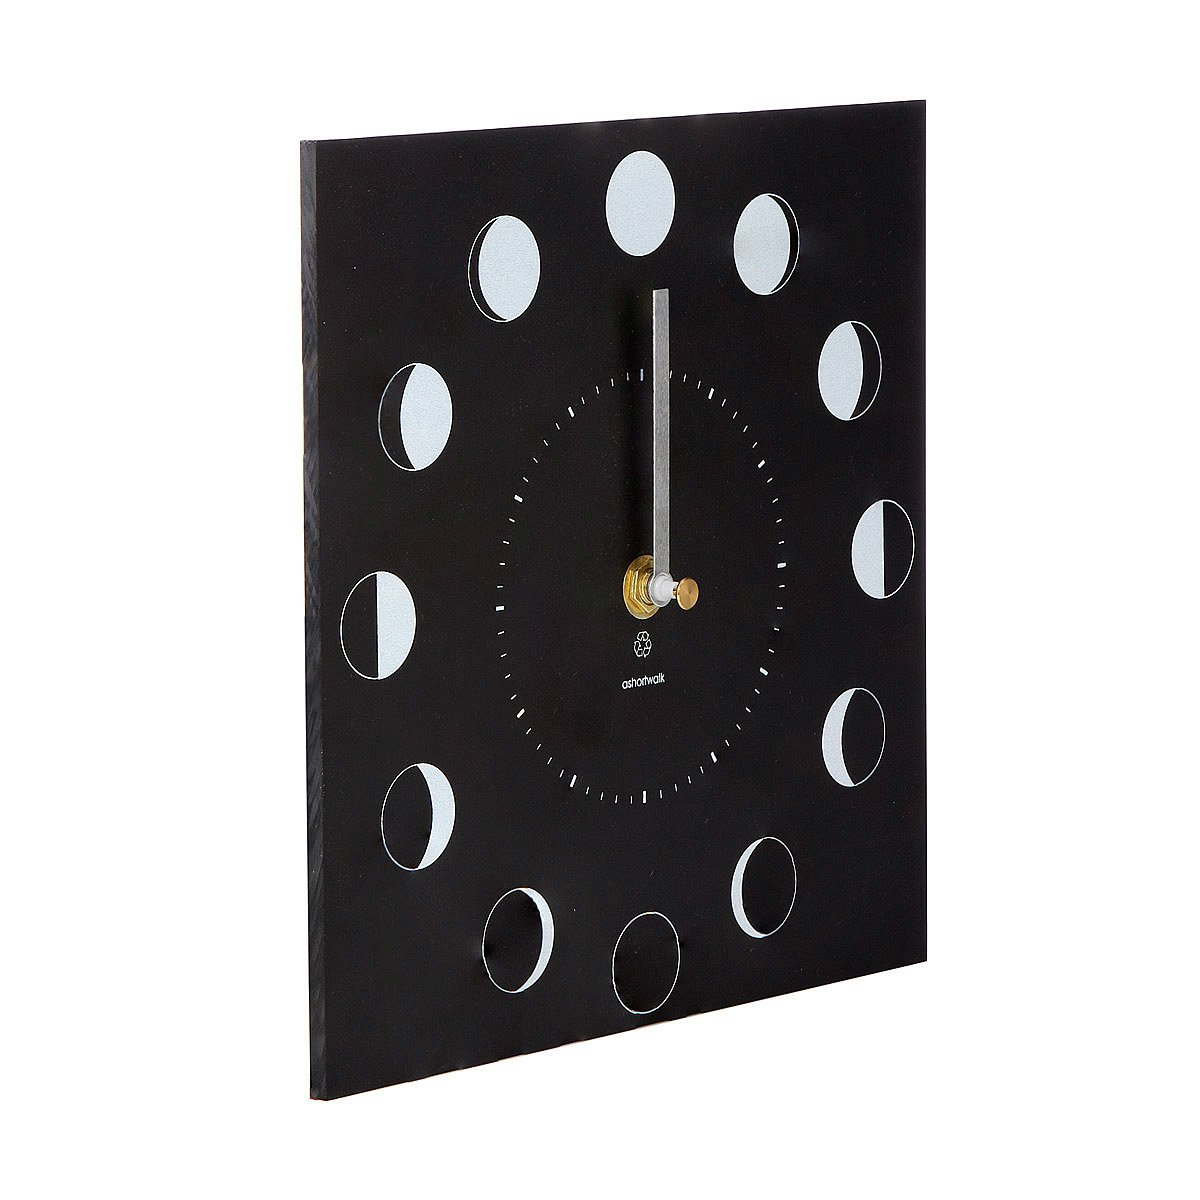 Captivating Eco Moon Phase Clock 2 Thumbnail Amazing Ideas